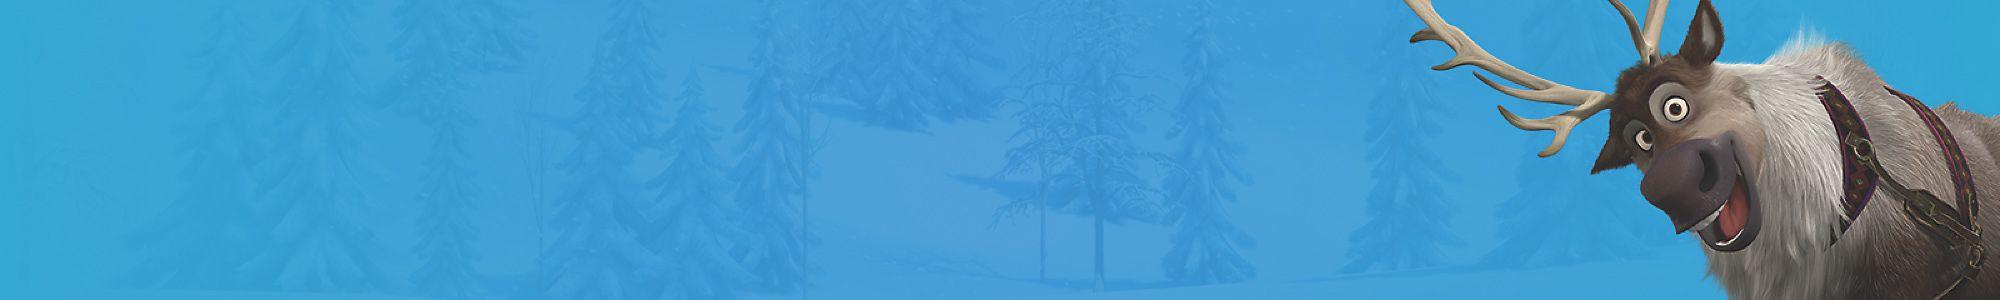 Frozen Scopri il magico Regno di Arendelle e molto altro ancora dedicato ai meravigliosi personaggi del film Disney Frozen, il Regno di ghiaccio ACQUISTA ORA